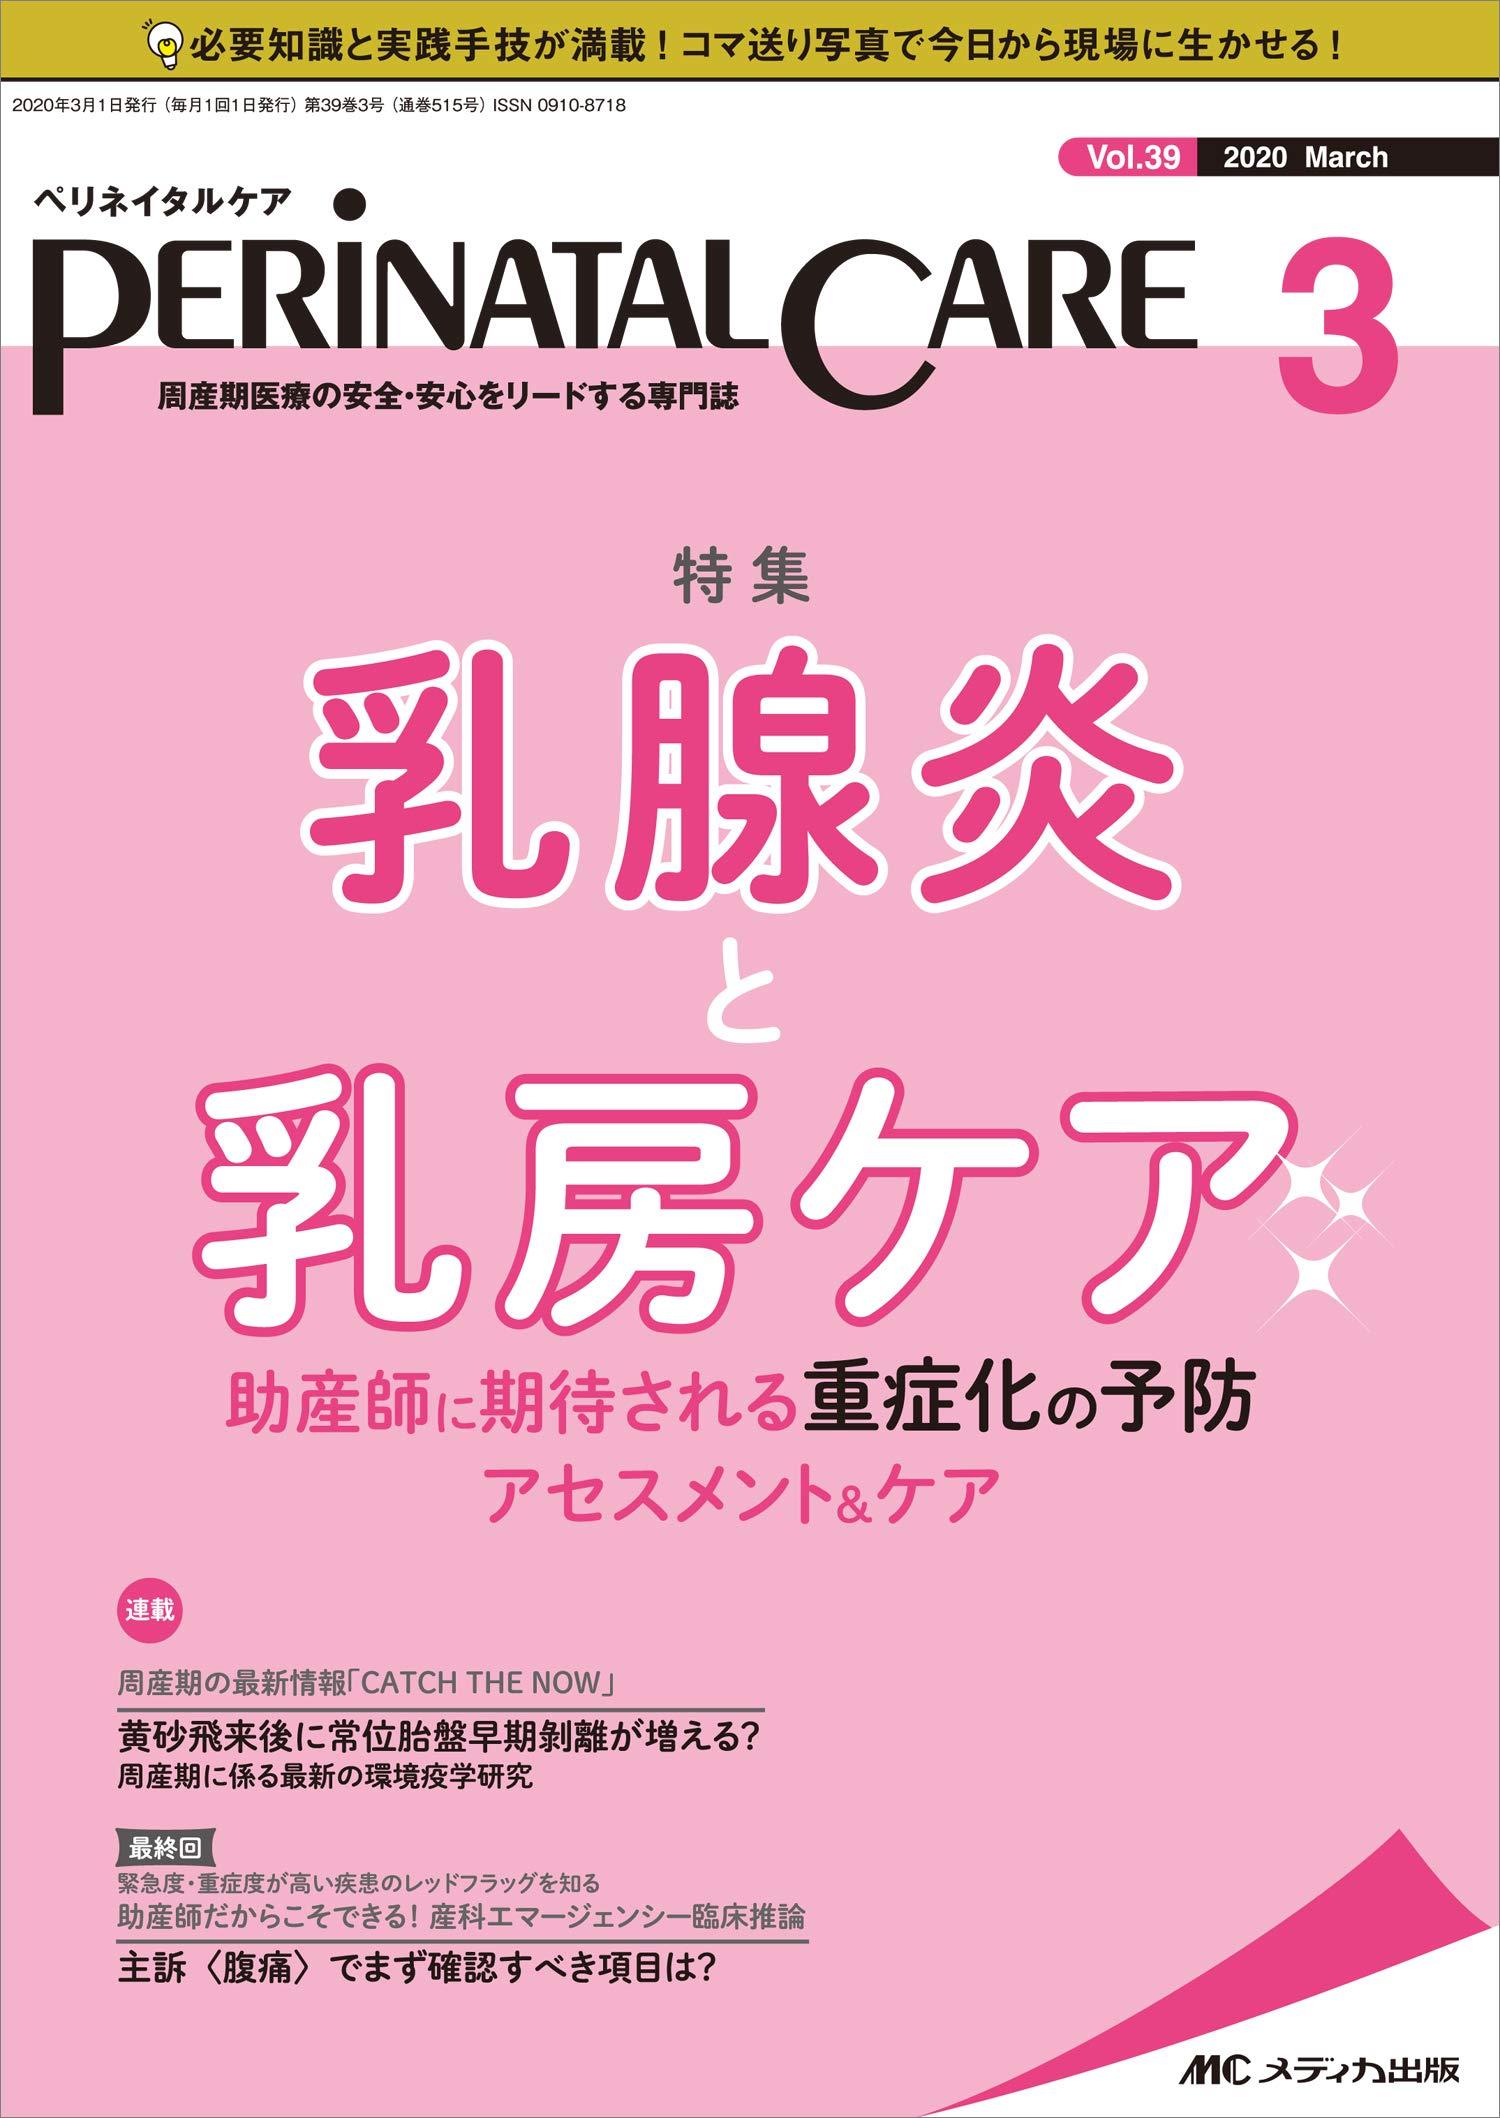 は と 乳腺 炎 授乳ママは気をつけて!「乳腺炎」の症状と予防